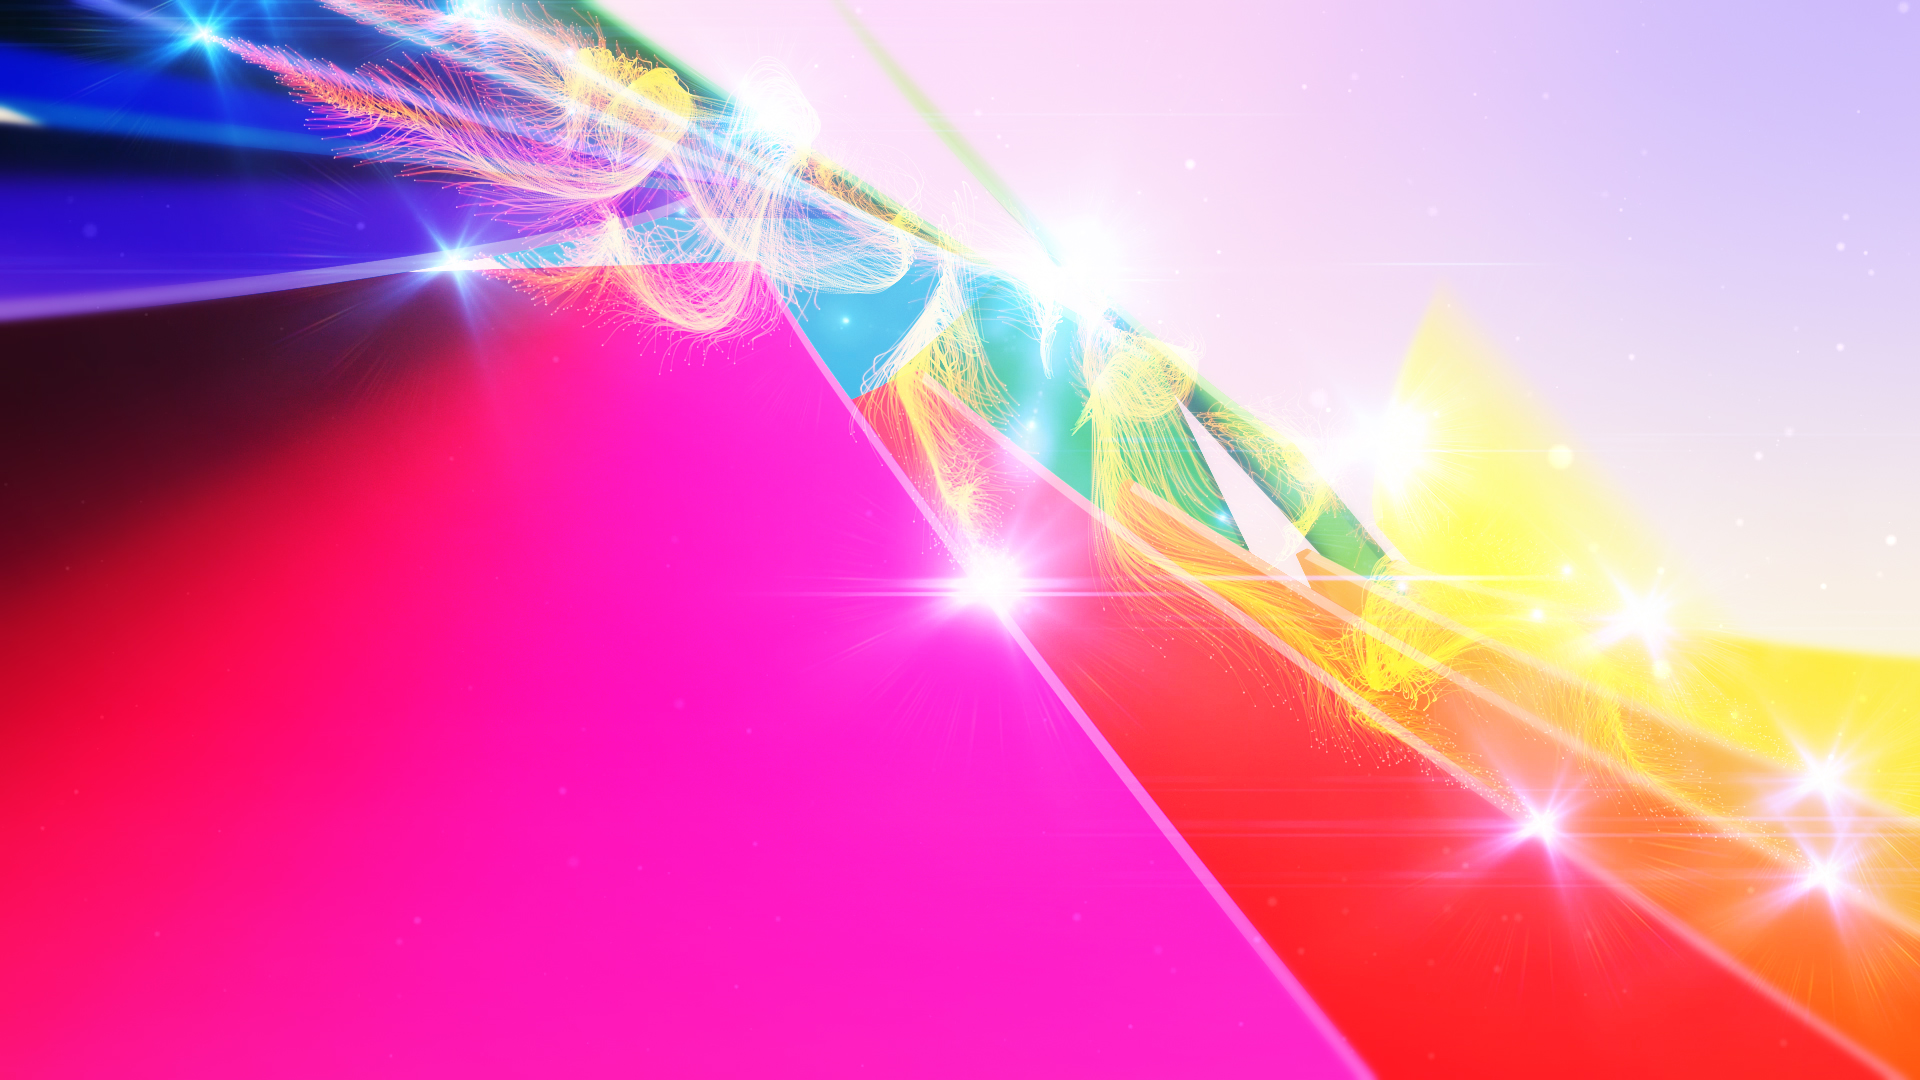 Fullscreen image of